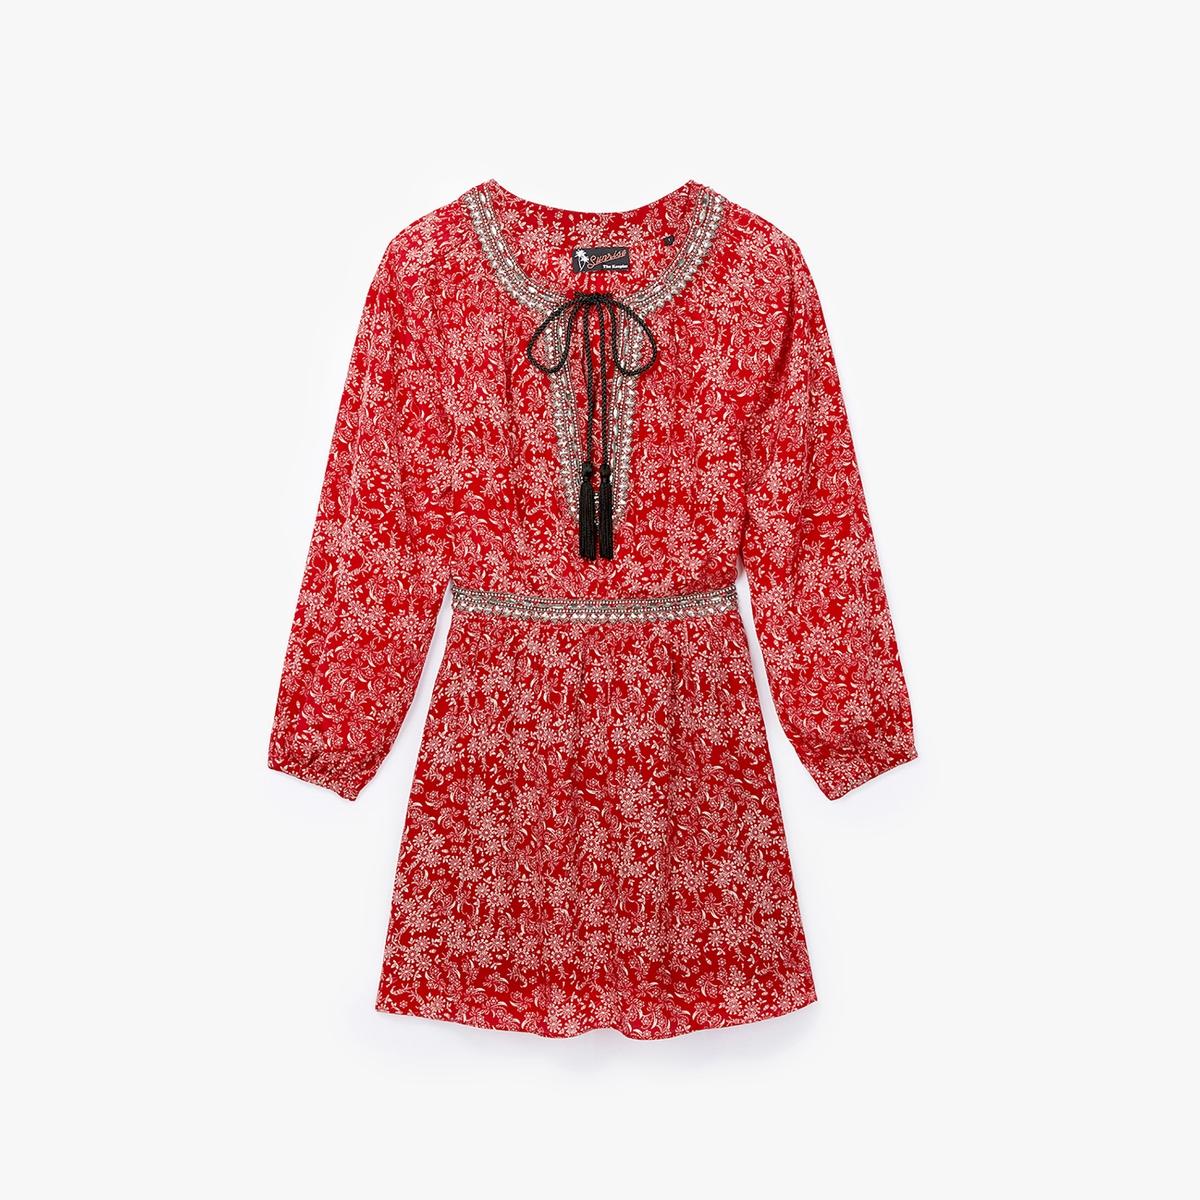 Платье из шелка с принтомСостав и описание    Материал: 100% шелк   Подкладка: 100% полиэстер   Вставки: 100% металл  Марка: THE KOOPLES<br><br>Цвет: наб. рисунок красный